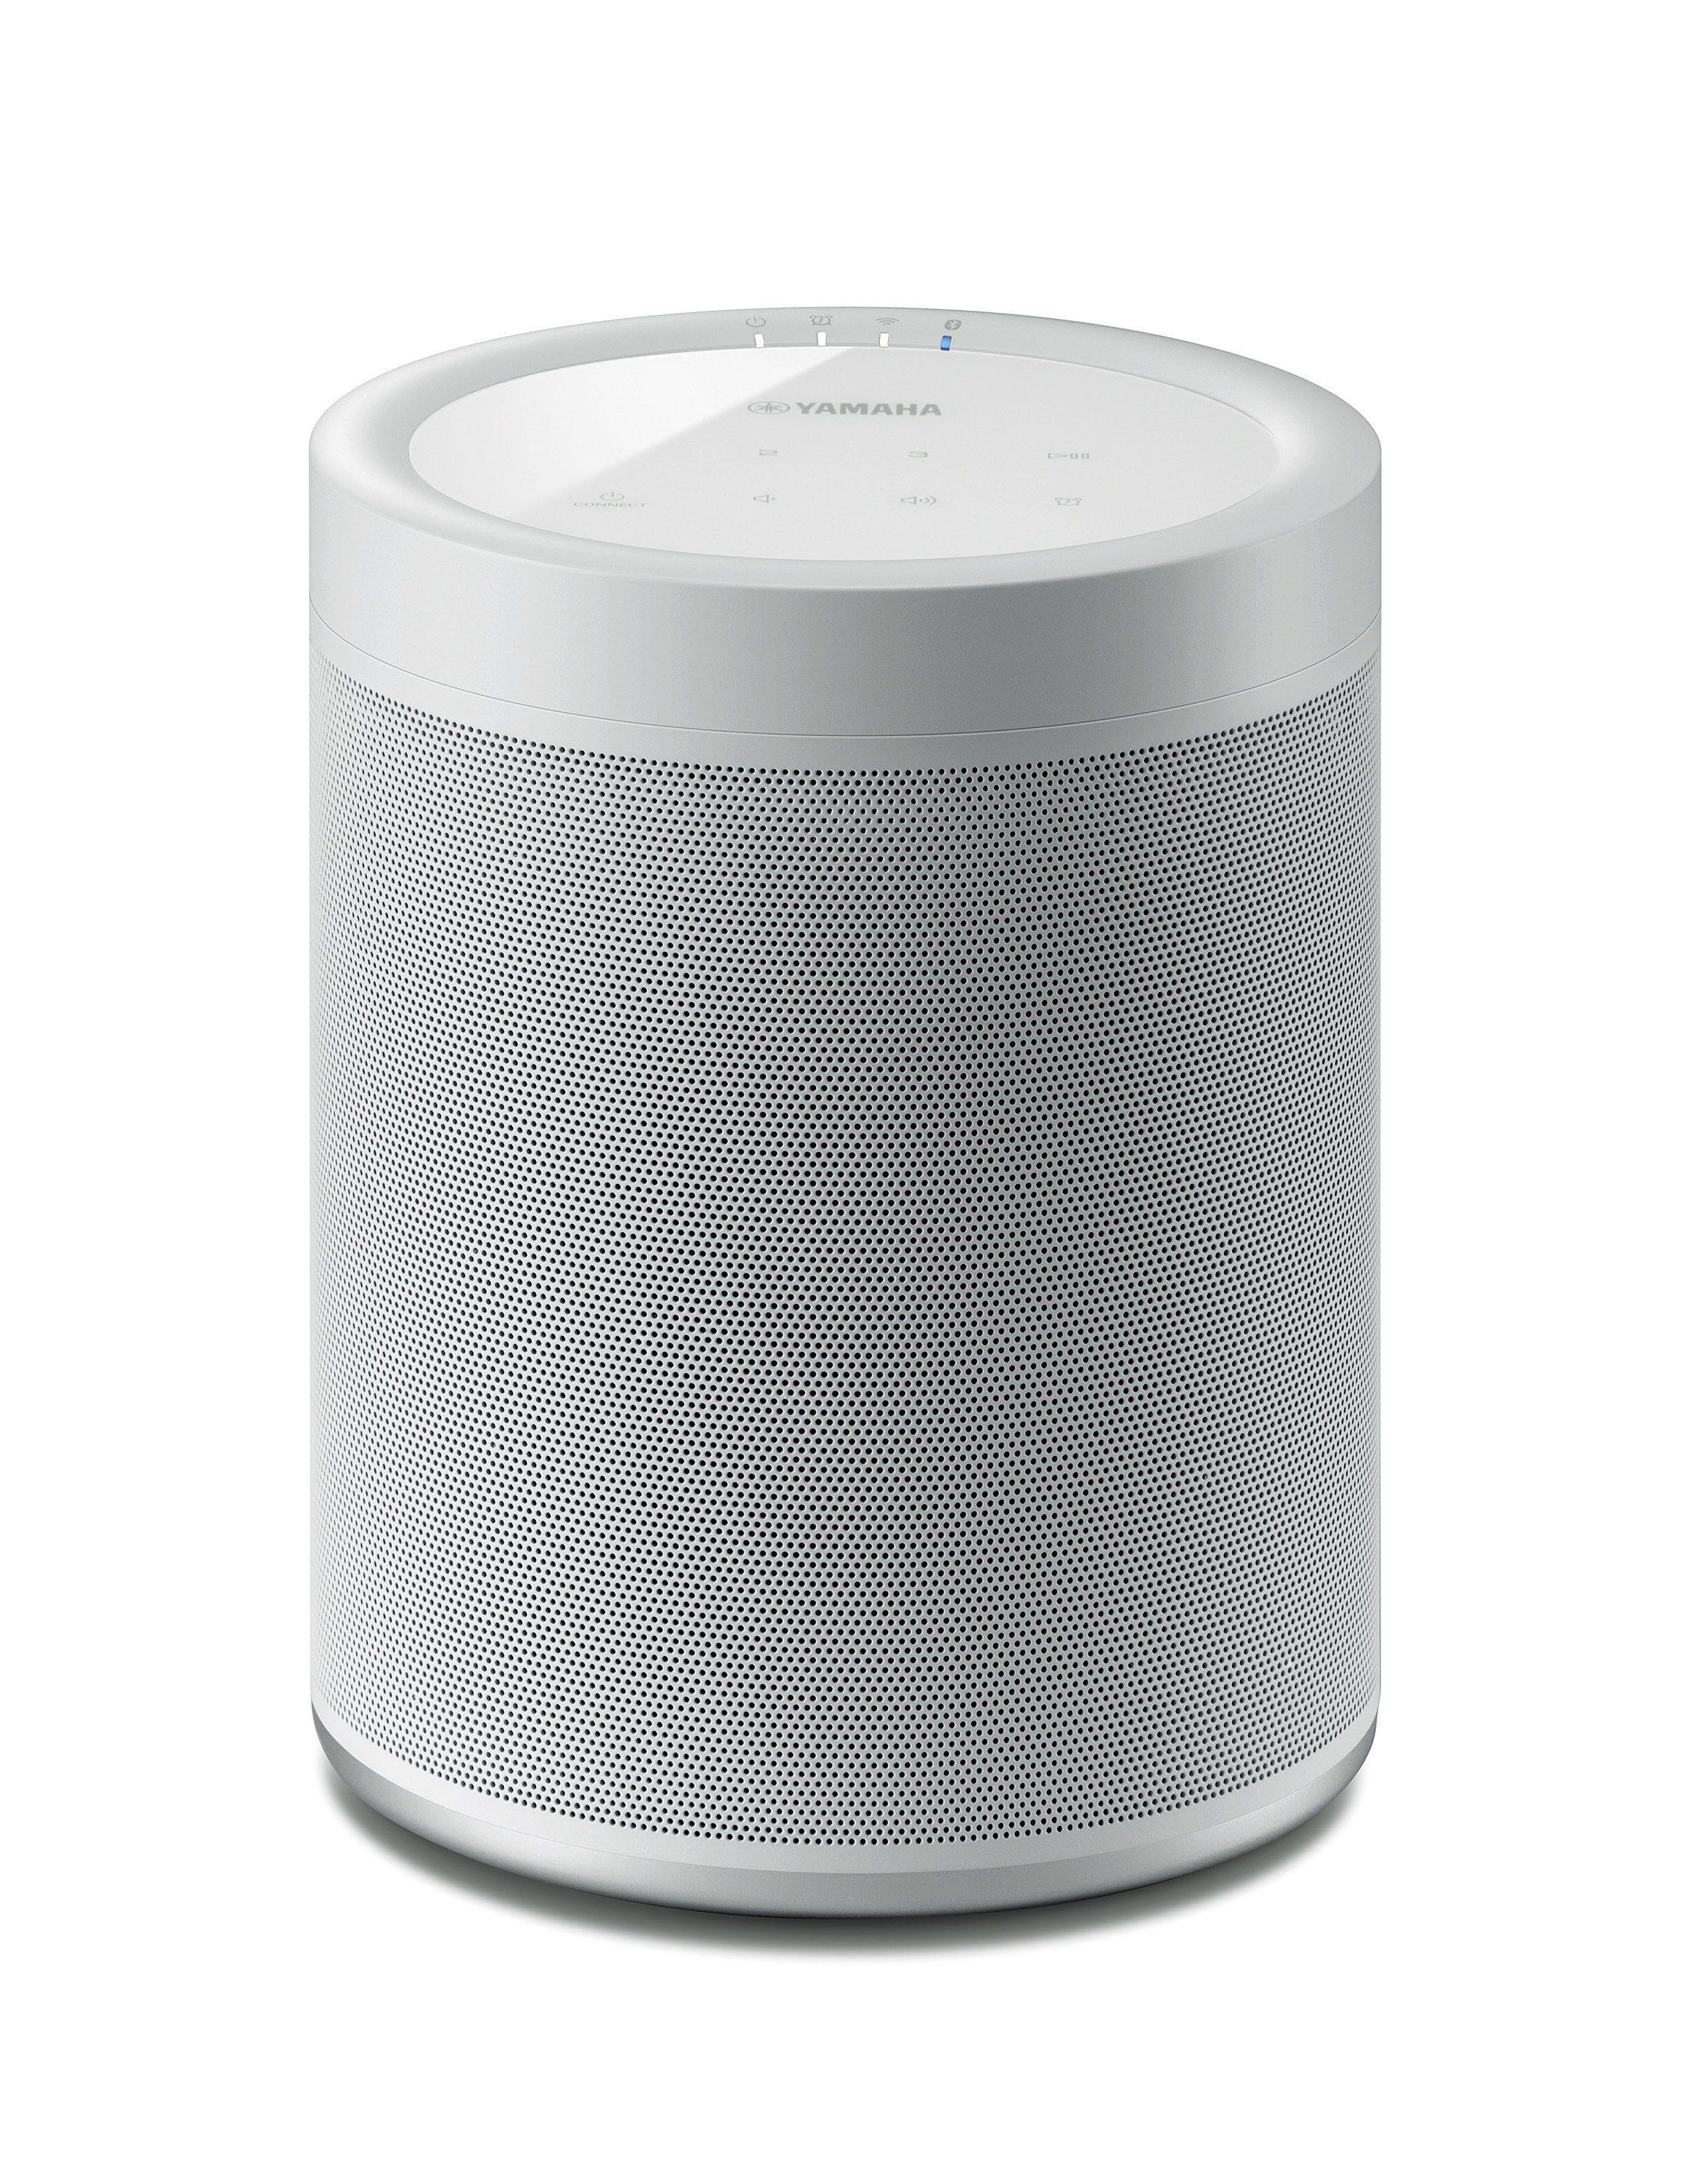 YAMAHA Musiccast 20 WX-021 Trådløs høyttaler Hvit